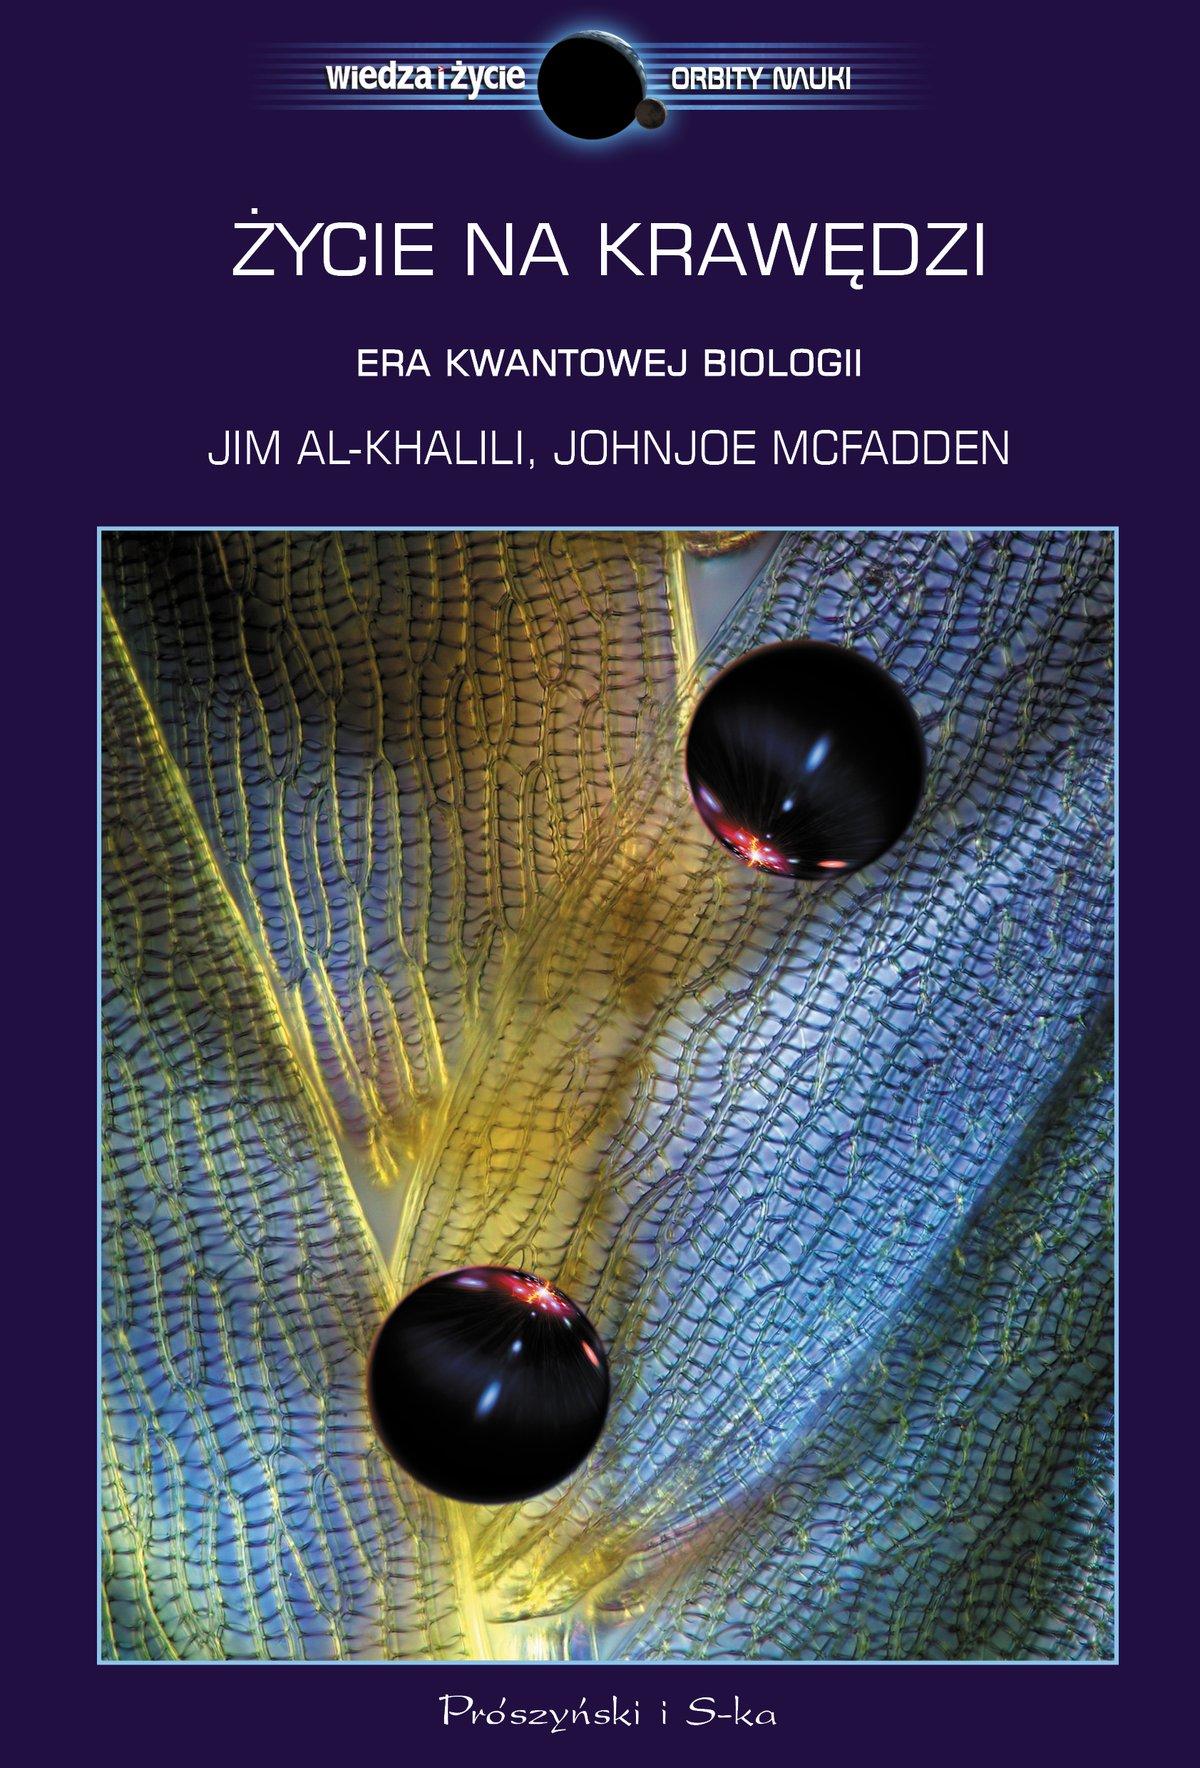 Życie na krawędzi - Ebook (Książka EPUB) do pobrania w formacie EPUB